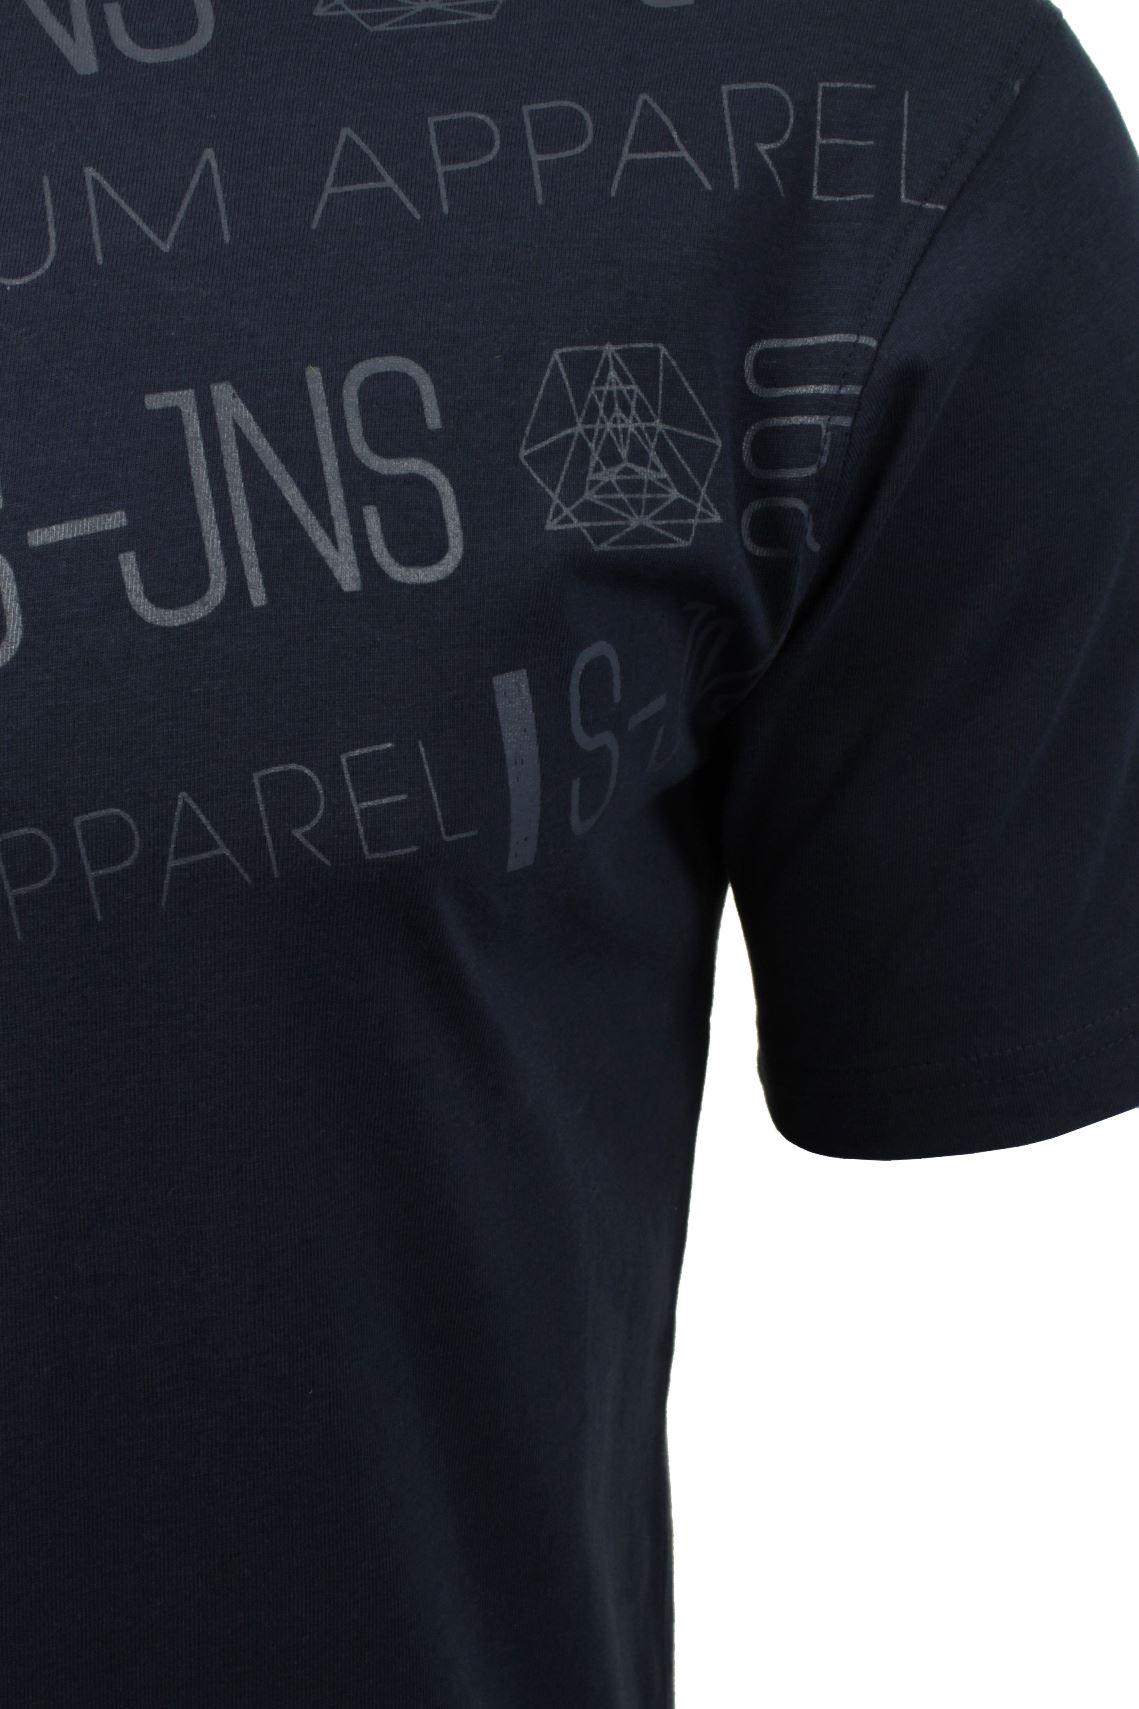 T-shirt-homme-par-smith-amp-jones-sont-redox-034-a-manches-courtes